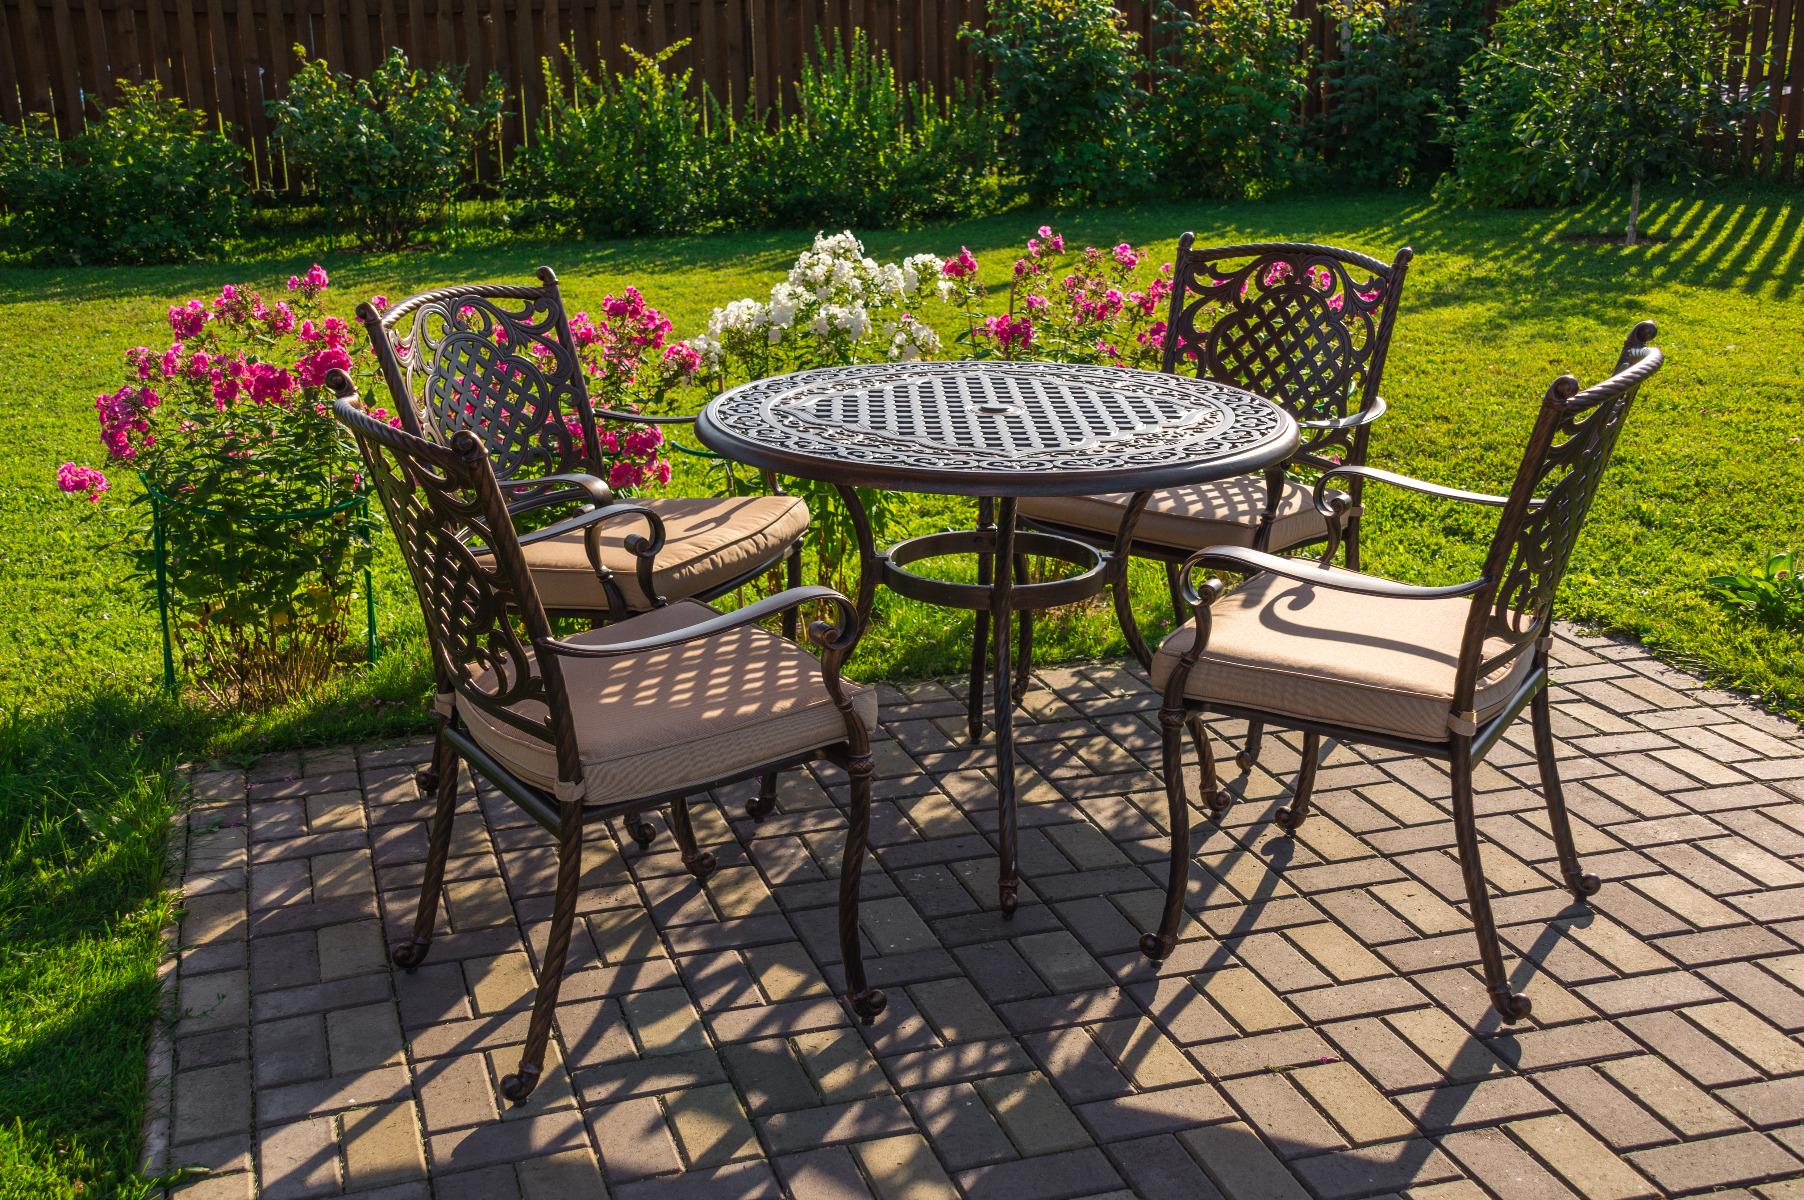 Das Bild zeigt Gartenmöbel im Landhausstil.